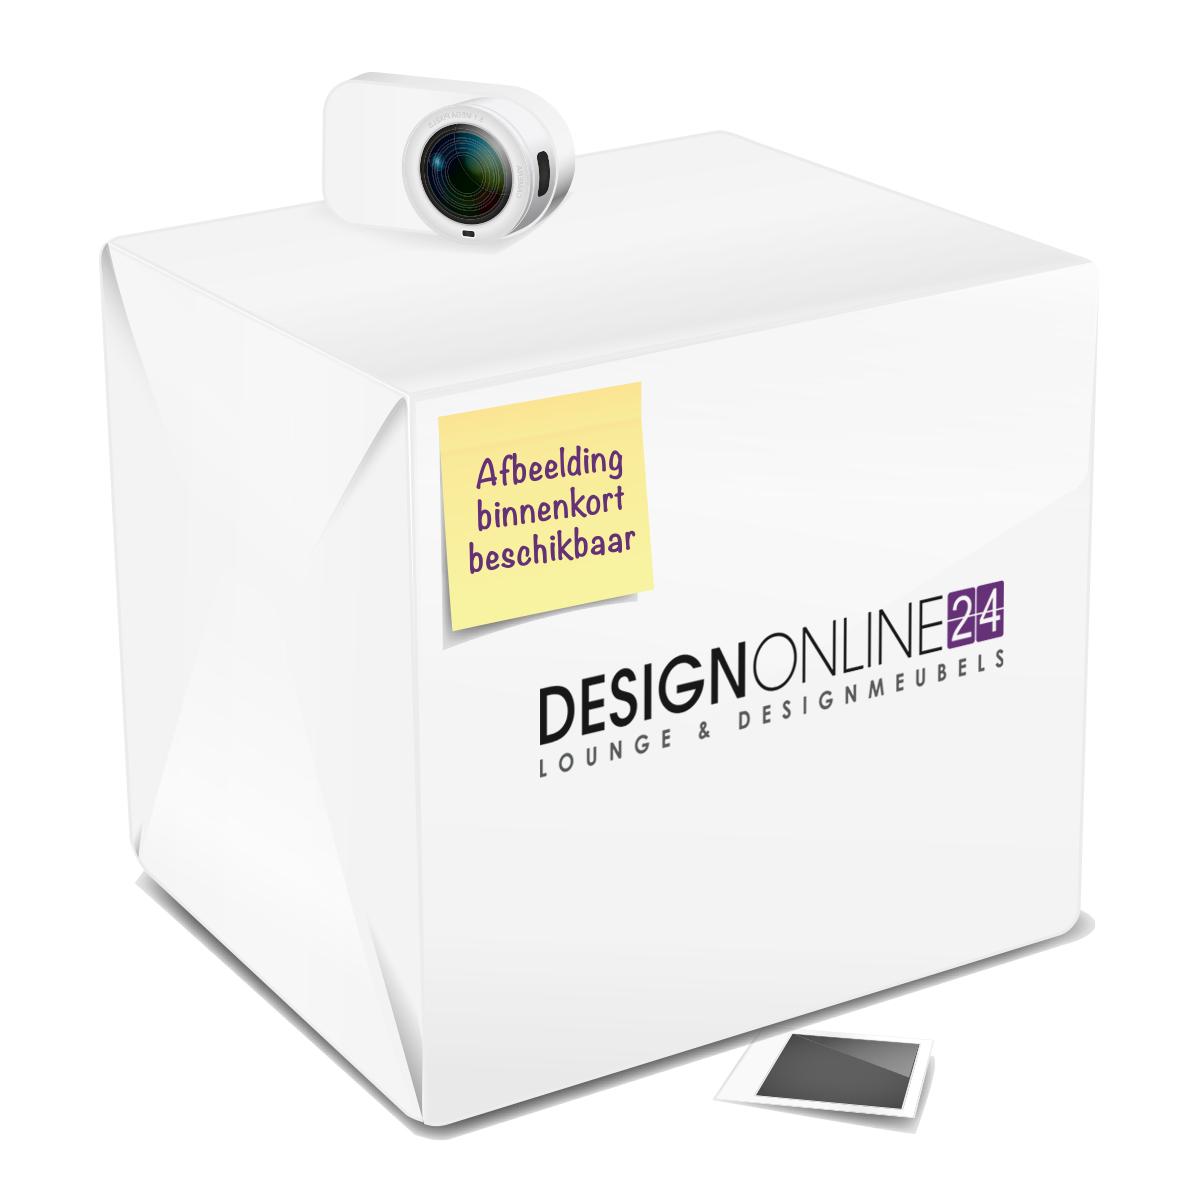 24Designs 24Designs Ligbed 1 persoons - Sandy - Verstelbaar - Grijs Polyrattan Wicker met Antraciet kussens